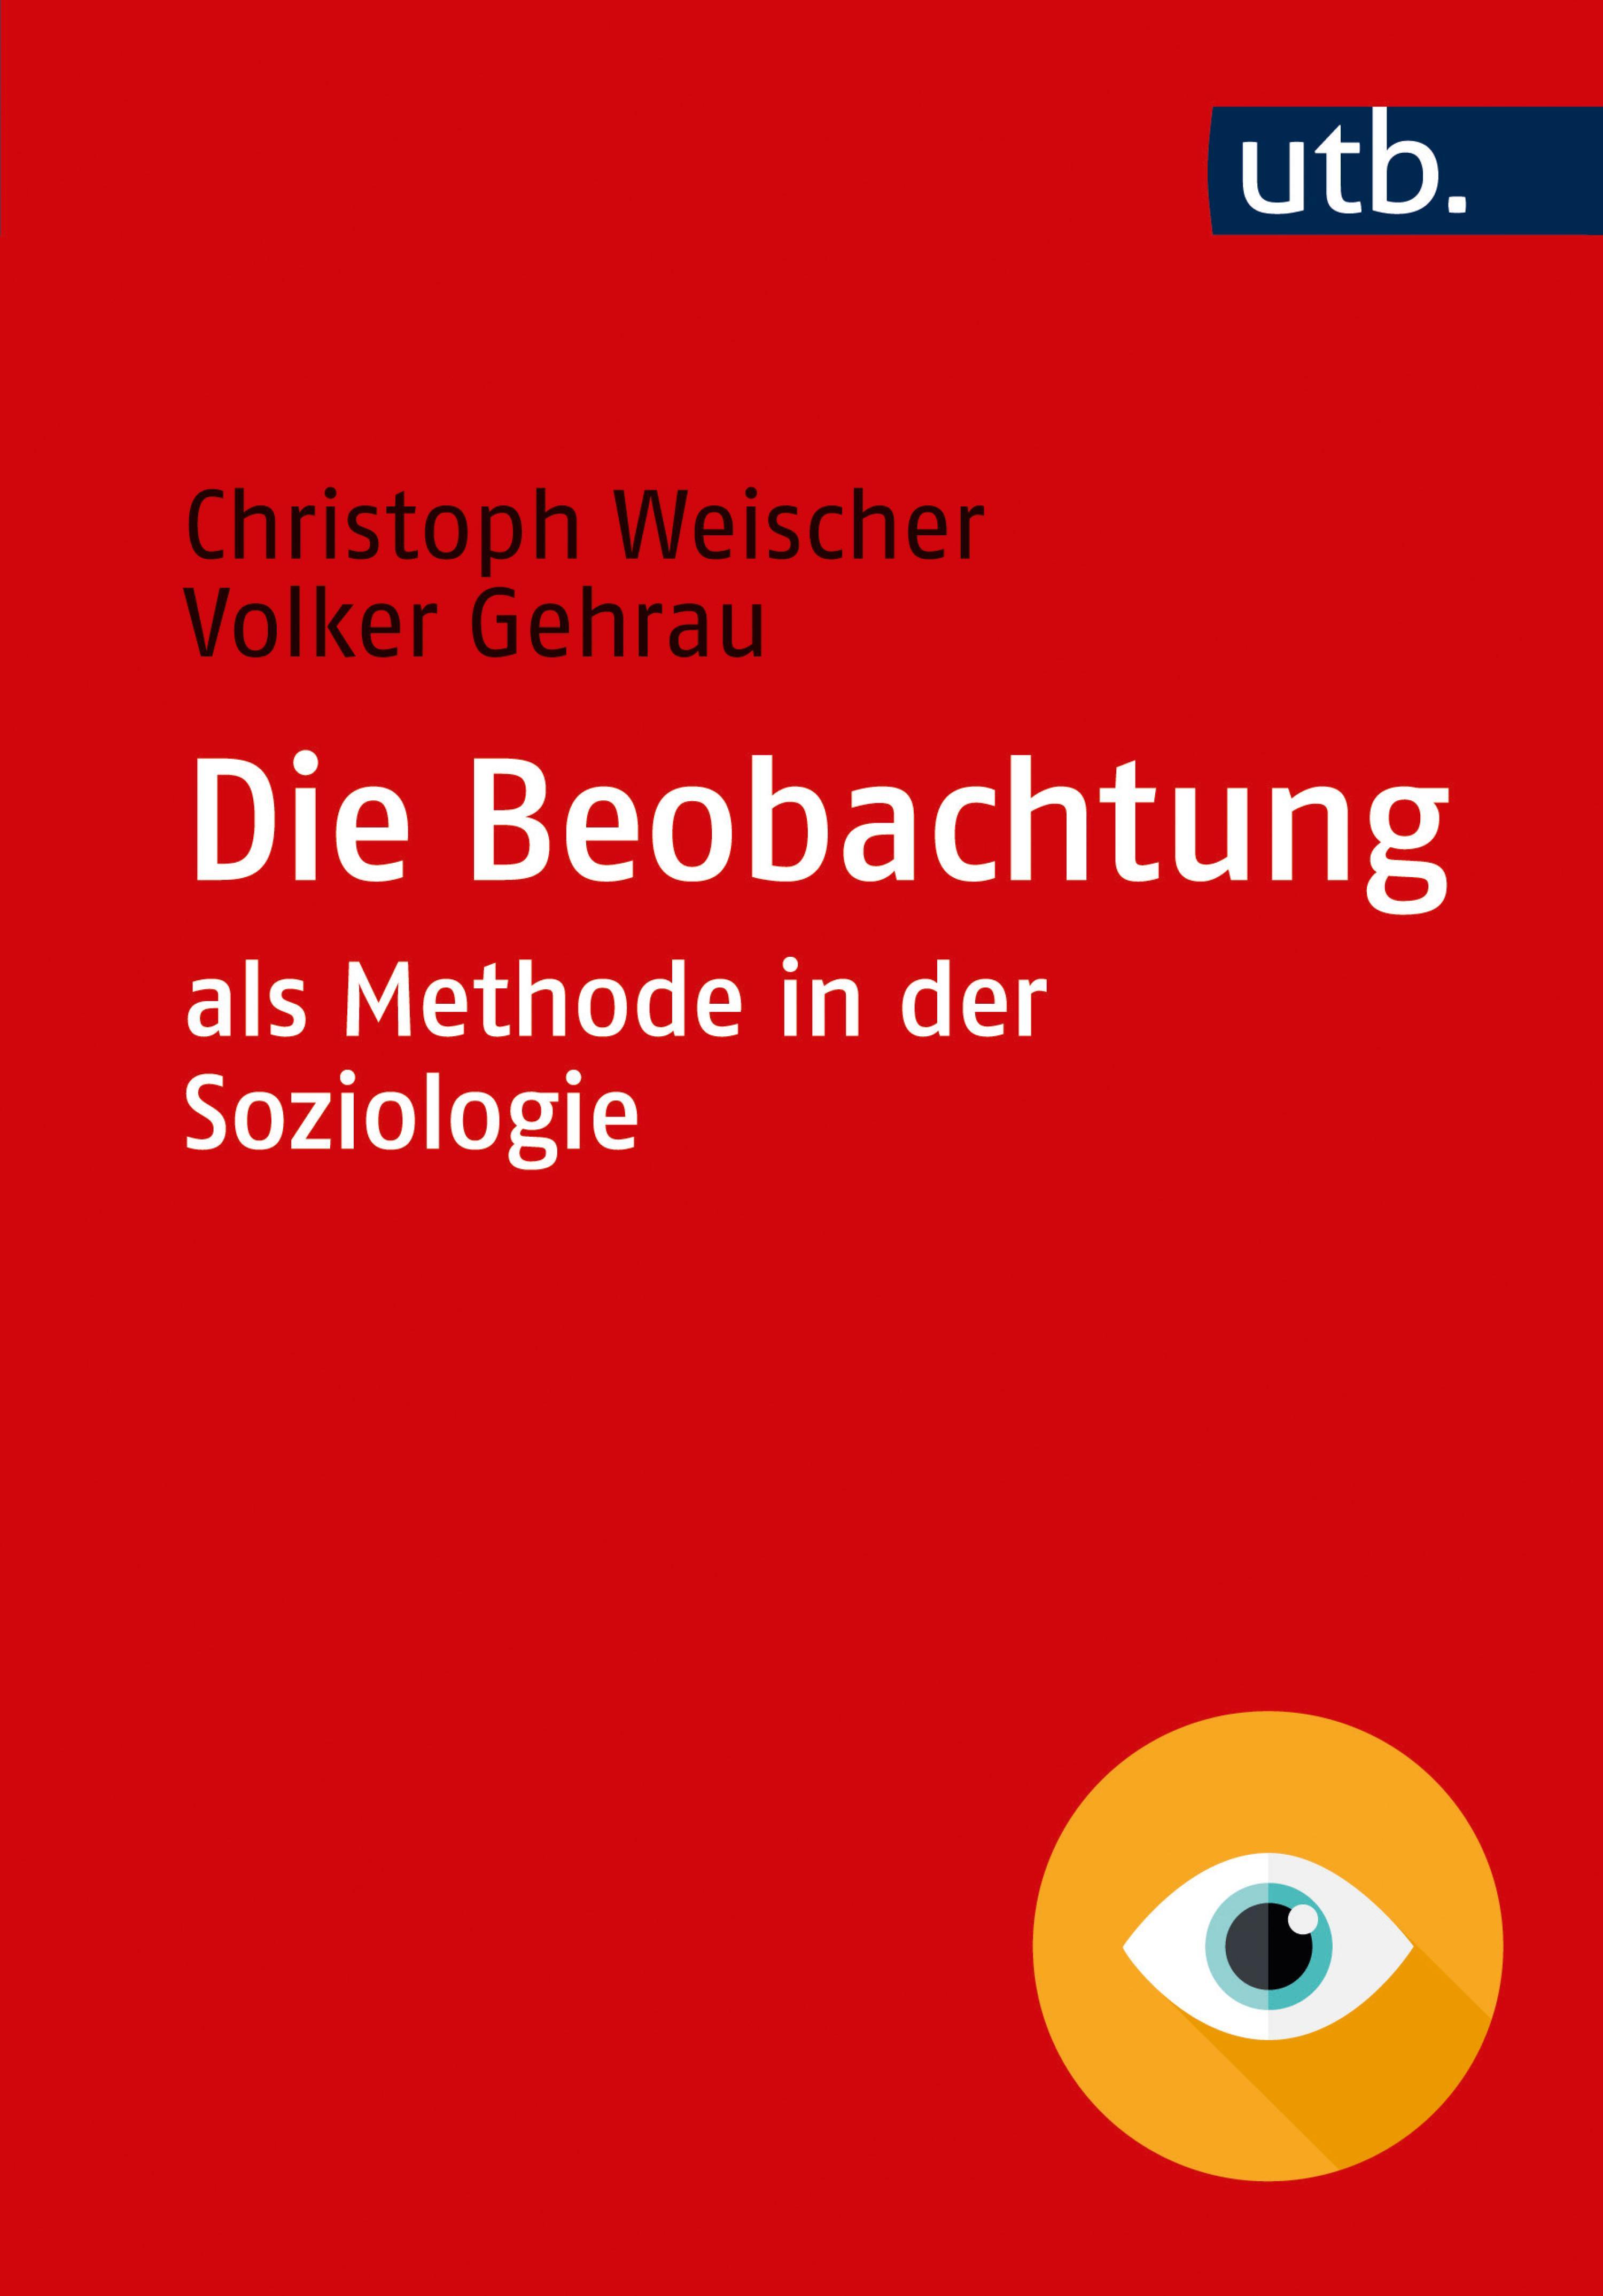 Die Beobachtung als Methode in der Soziologie